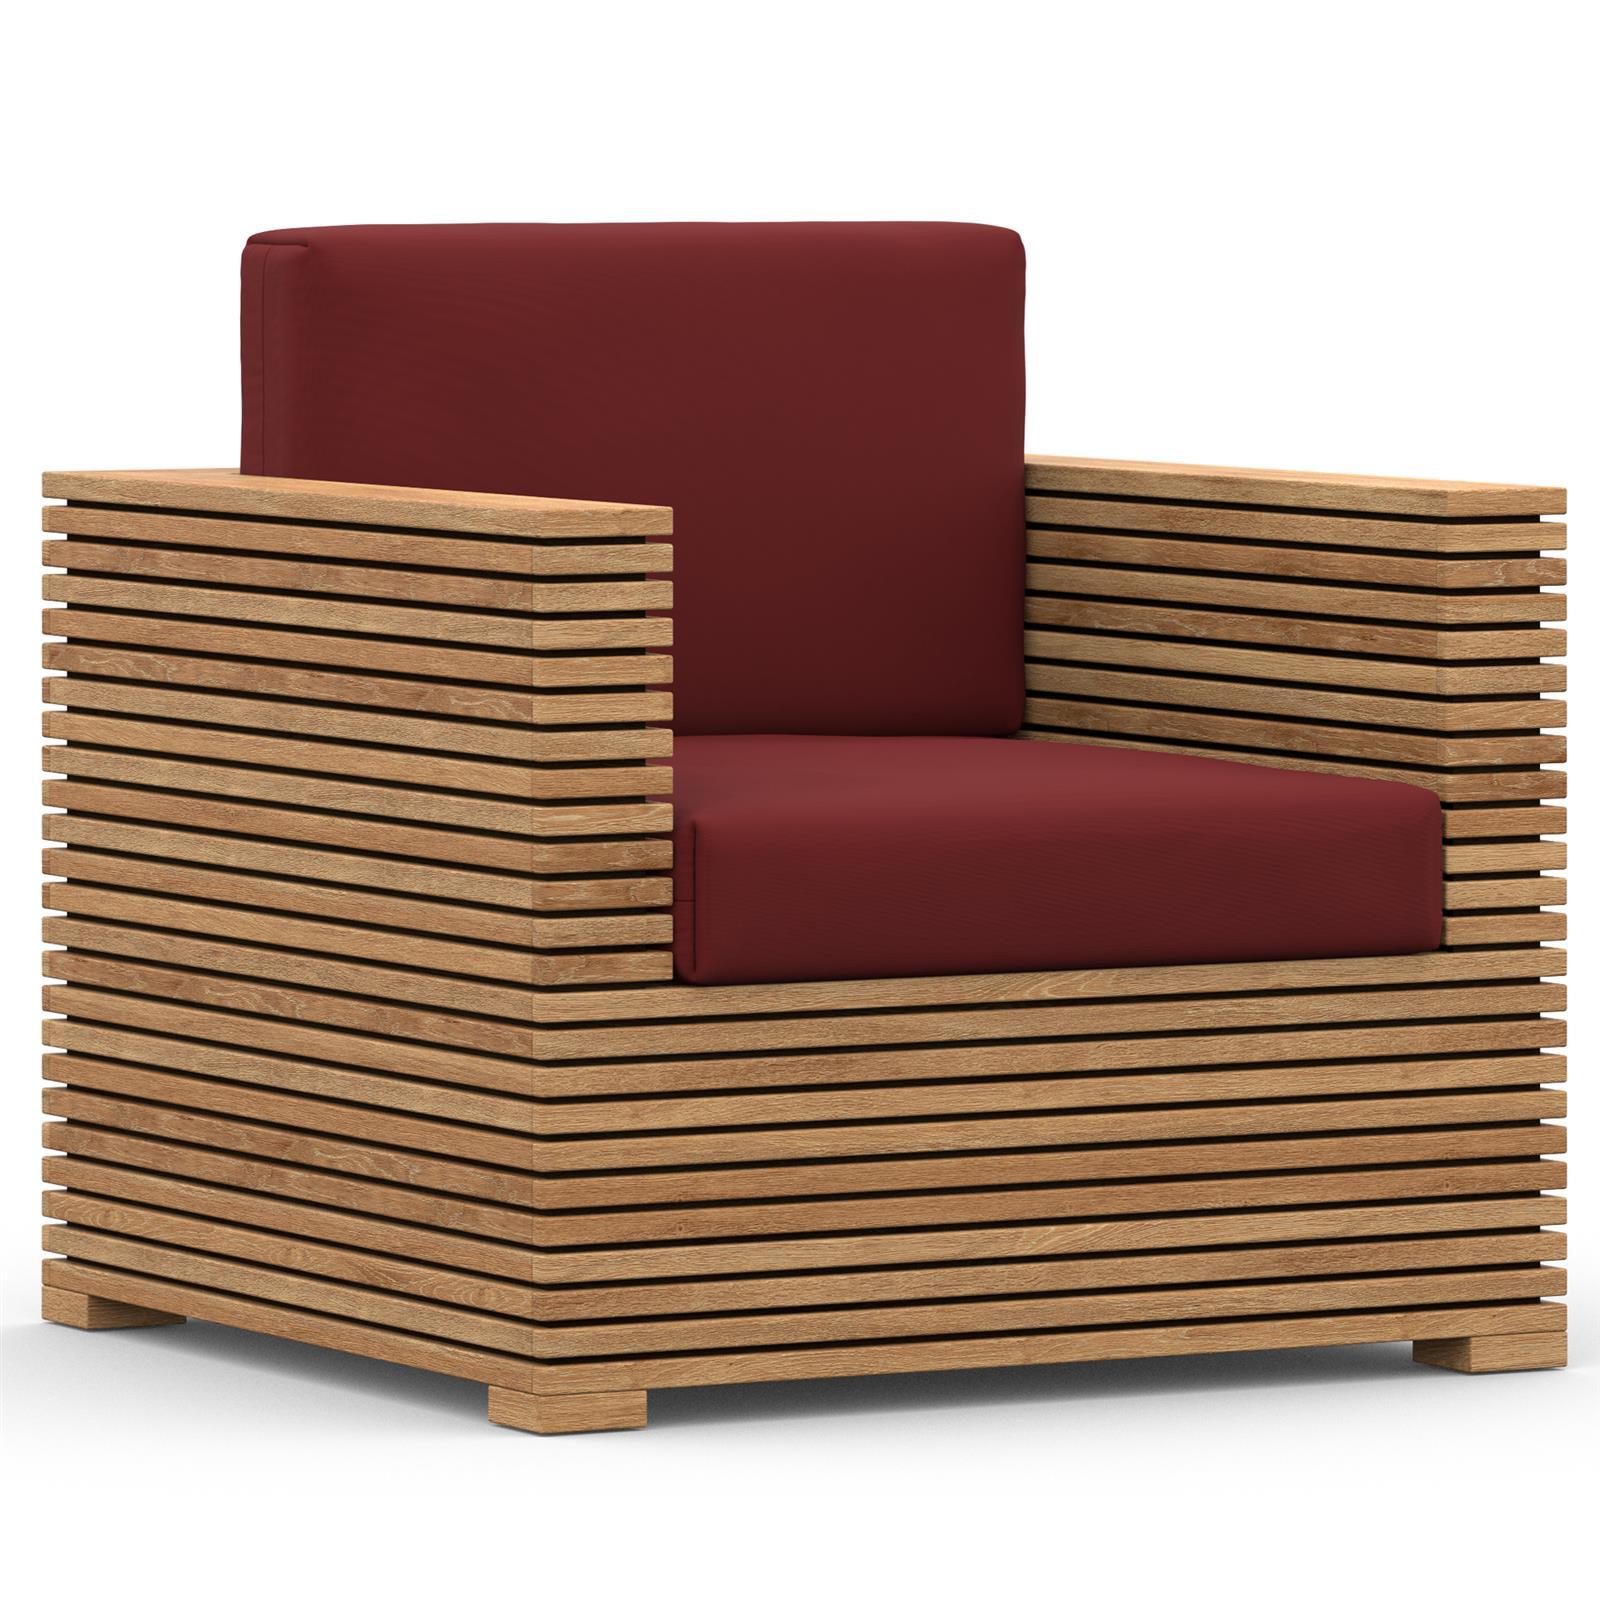 lounge kissen nach ma und lounge auflagen ma anfertigung. Black Bedroom Furniture Sets. Home Design Ideas